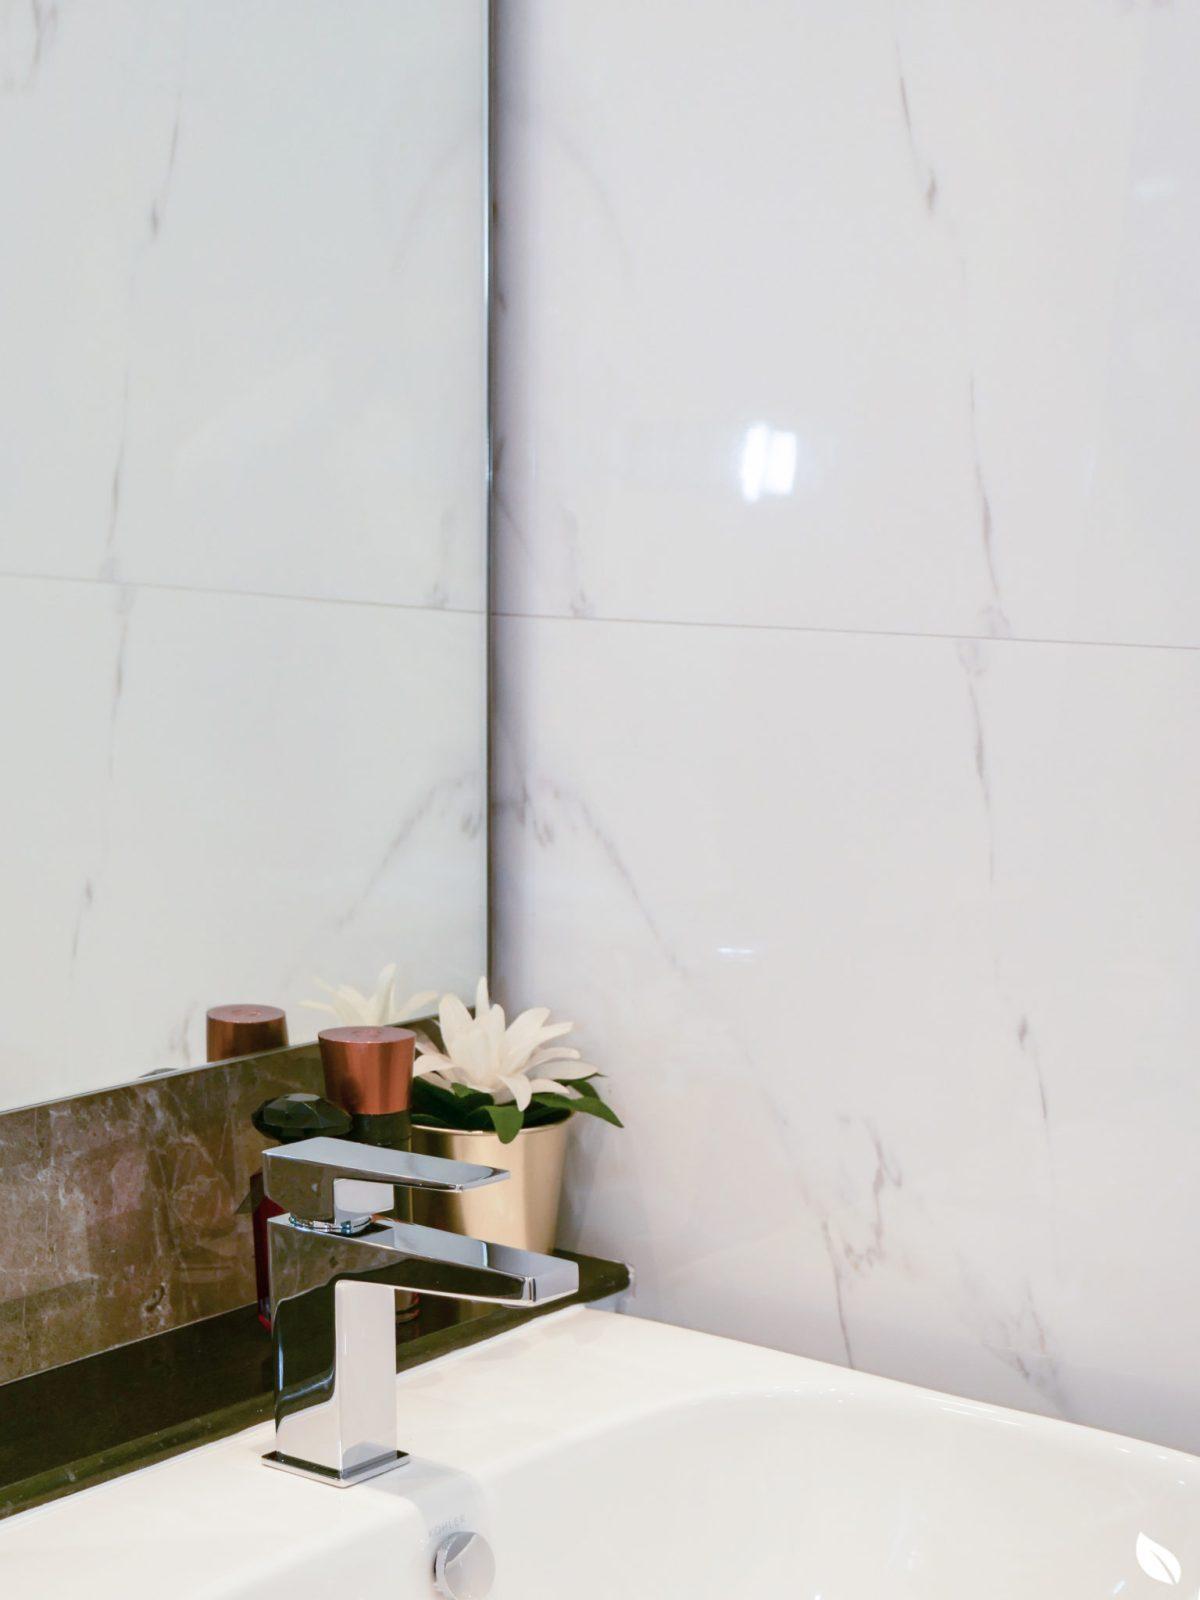 """4 ขั้นตอน """"รีโนเวทห้องน้ำขนาดเล็ก"""" ให้สวยใหม่ จบงานไวใน 2 วัน แบบปูกระเบื้องทับ ไม่ต้องรื้อ 63 - bathroom"""